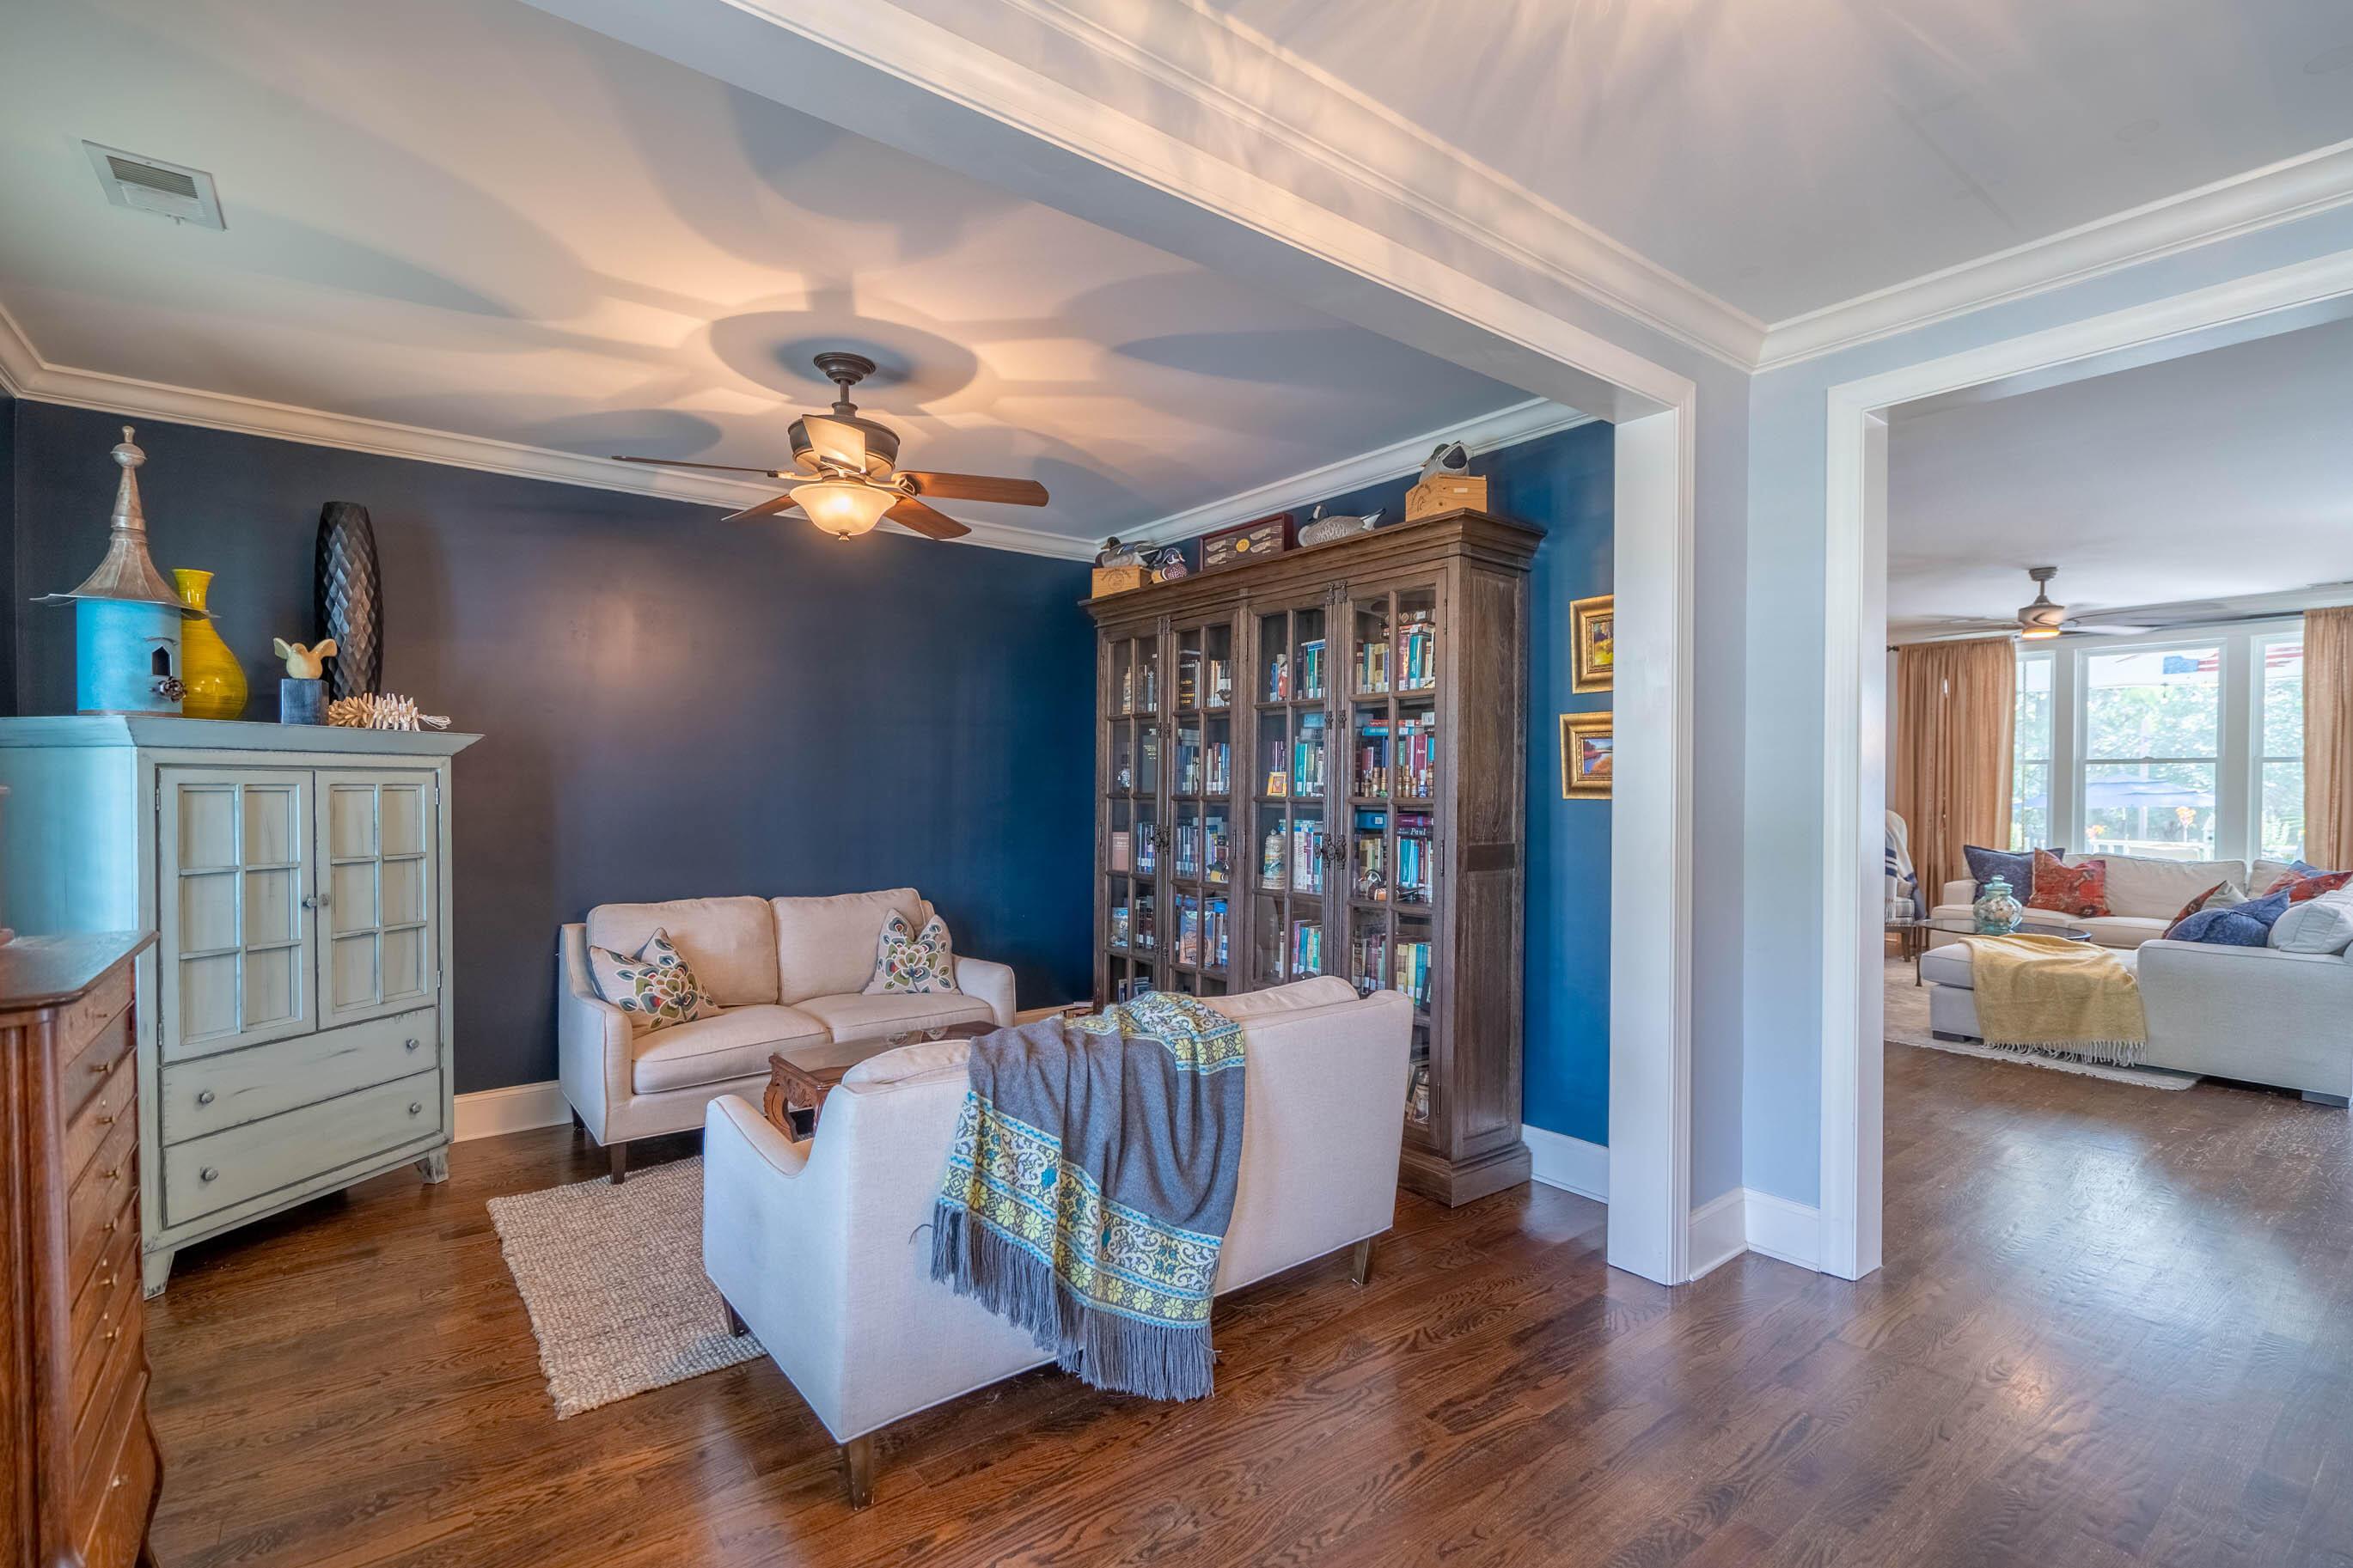 Dunes West Homes For Sale - 2997 Sturbridge, Mount Pleasant, SC - 15